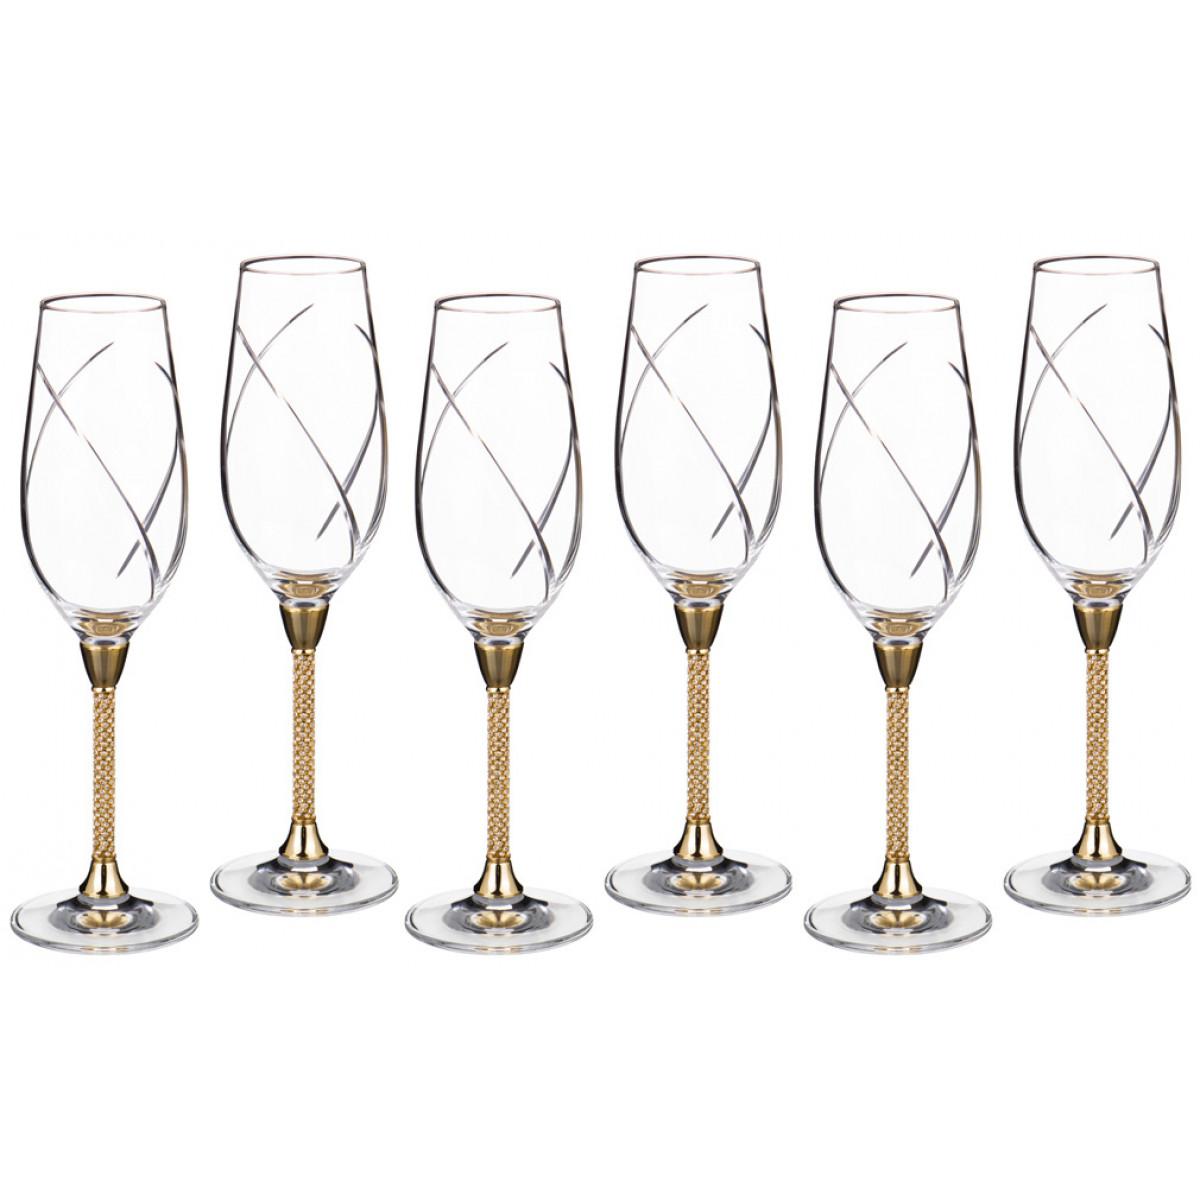 набор бокалов bistro д шампанского 2шт 275мл стекло {} Claret Набор бокалов для шампанского Azalea  (25 см - 6 шт)